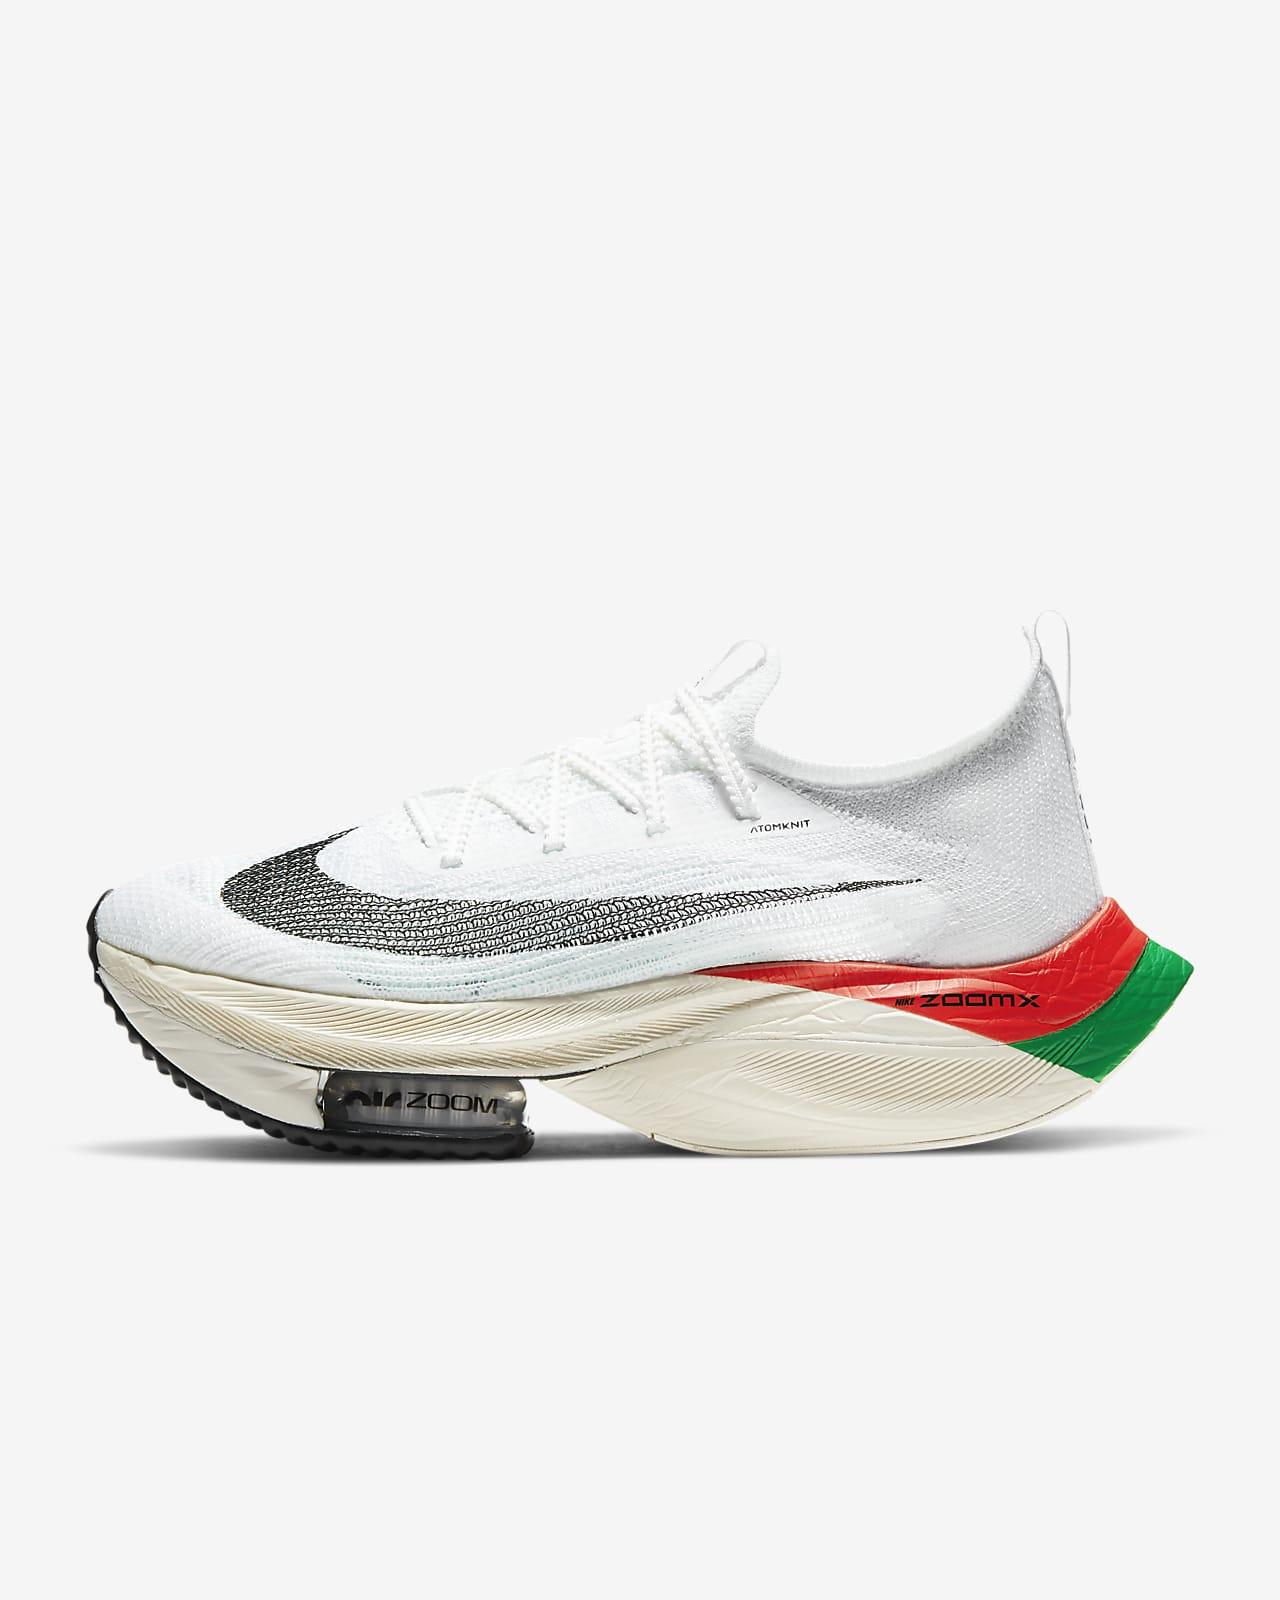 Nike Air Zoom Alphafly NEXT% Eliud Damen-Laufschuh für Wettkämpfe